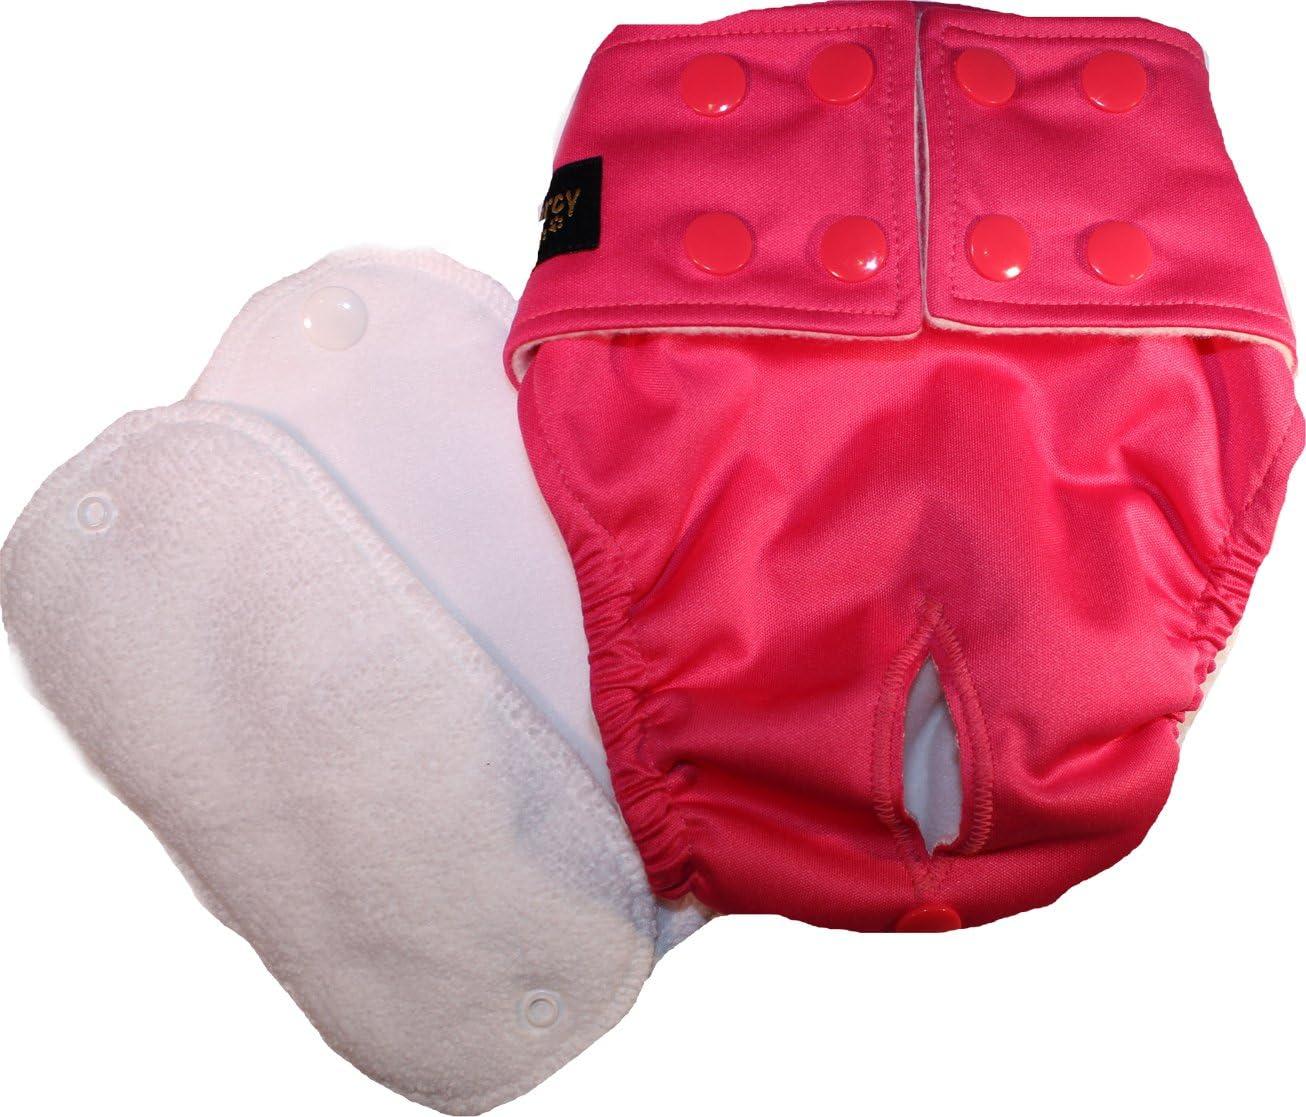 Glenndarcy Female Dog Nappy I Urine Incontinence I Cerise XL Pants and 2 Washable Pads I Poppers